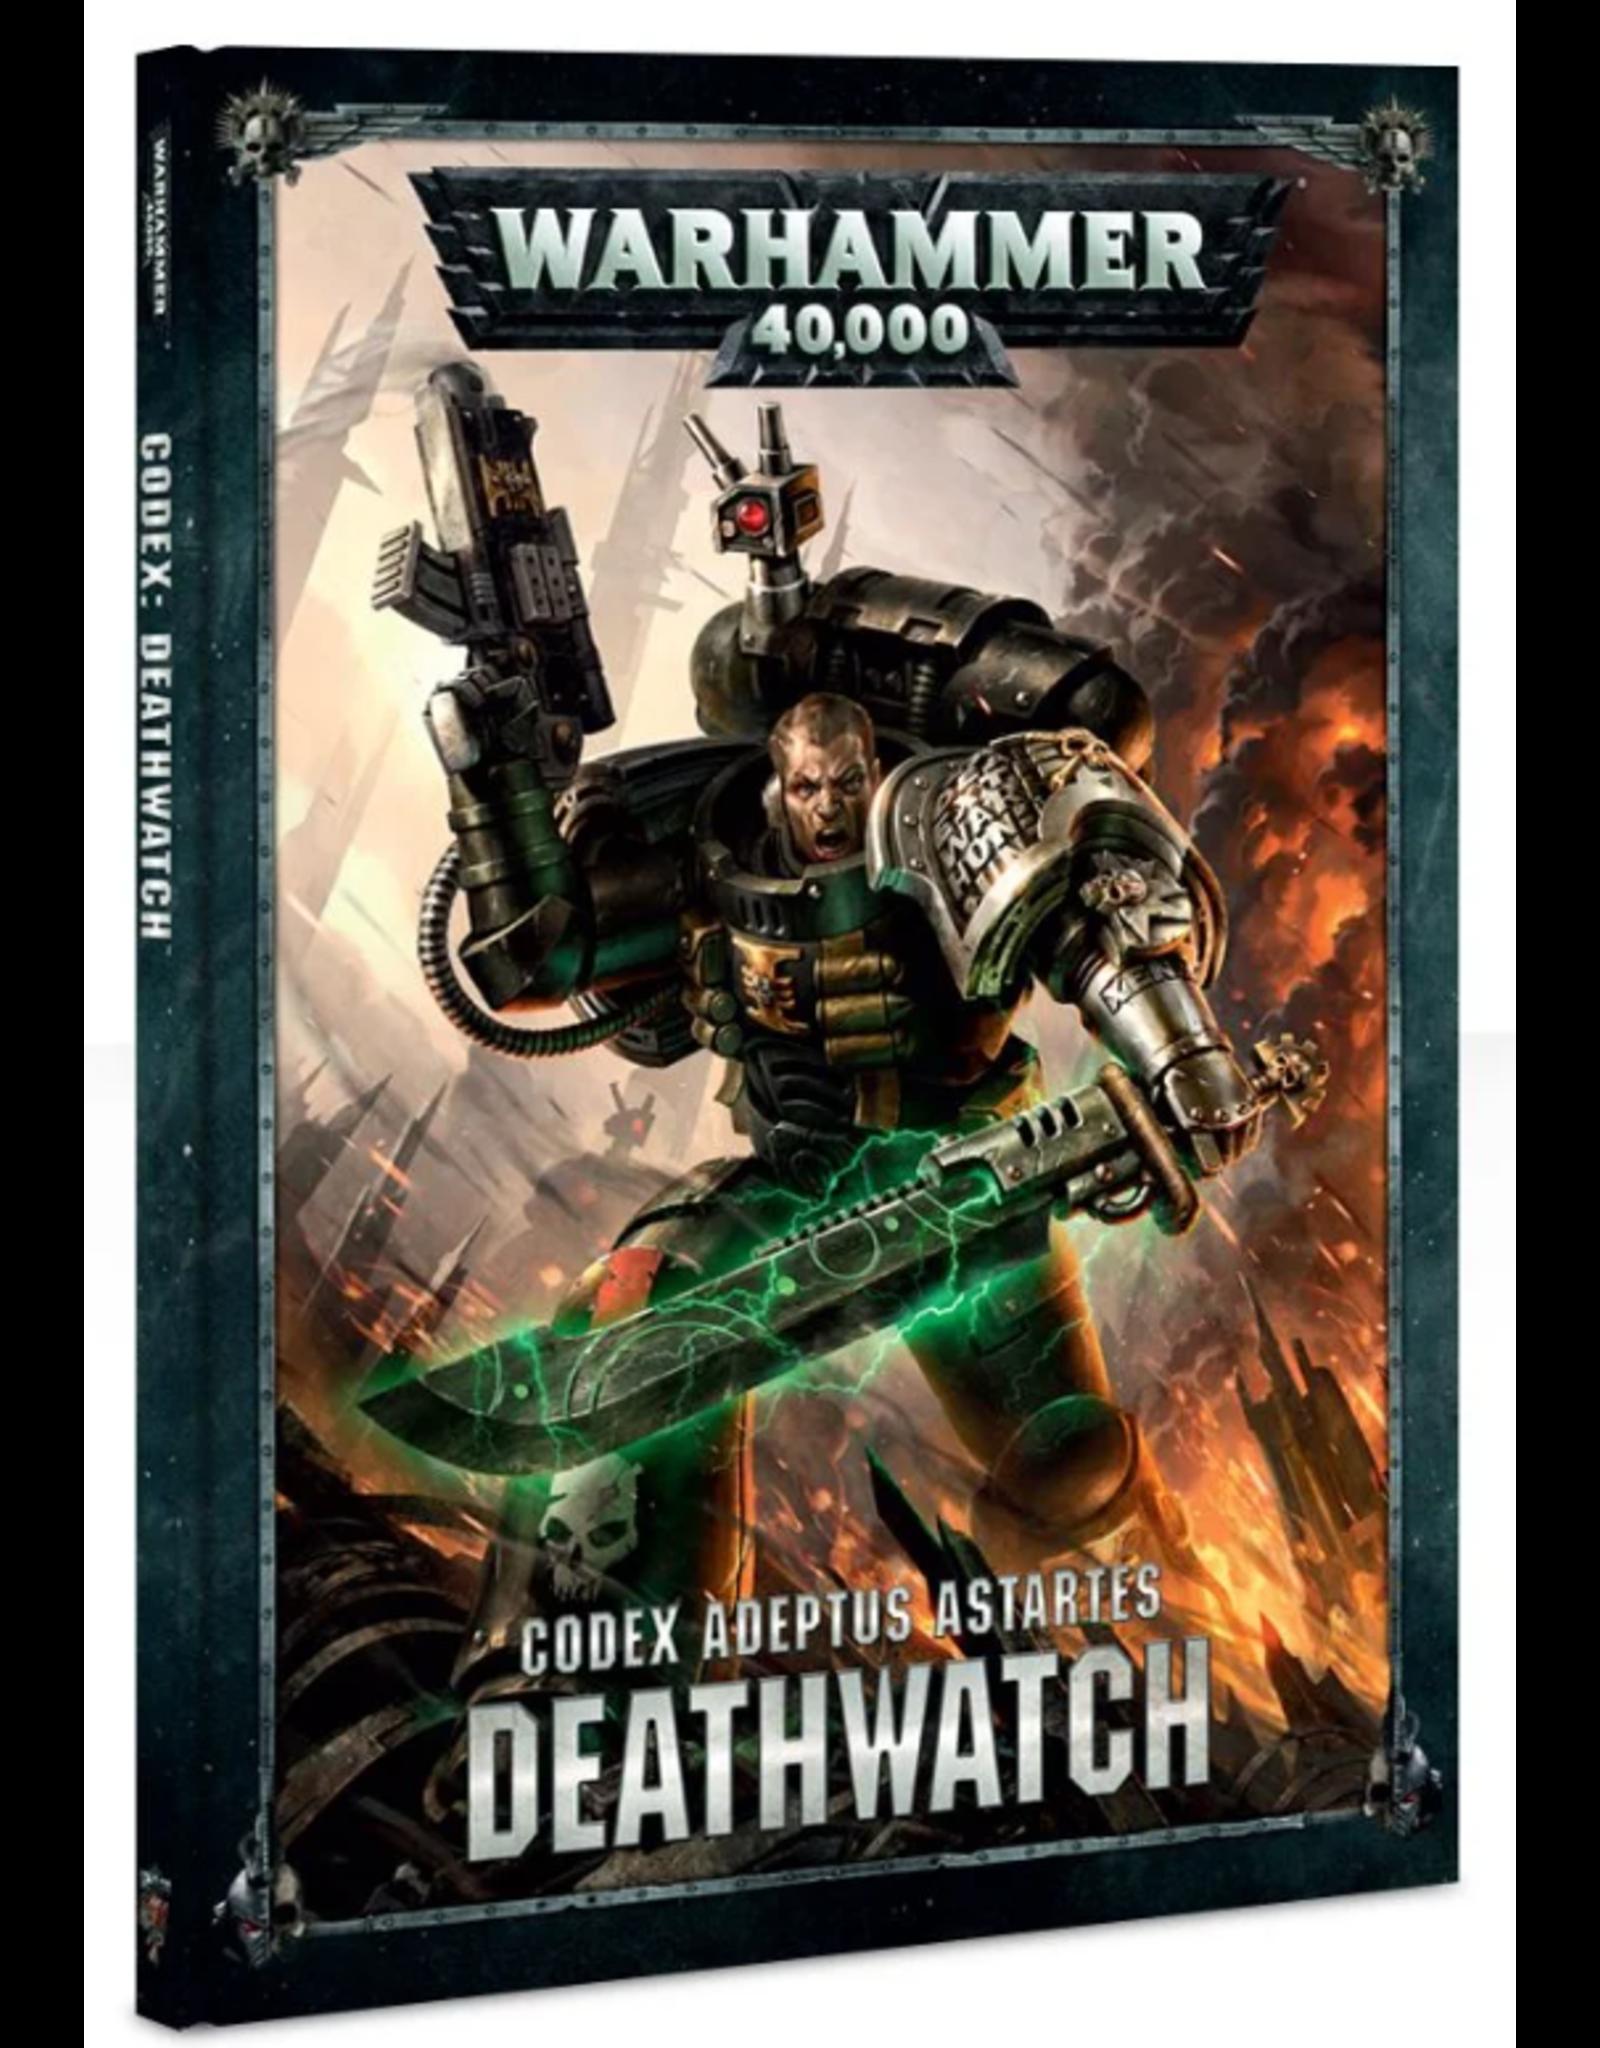 Warhammer 40K Codex Deathwatch